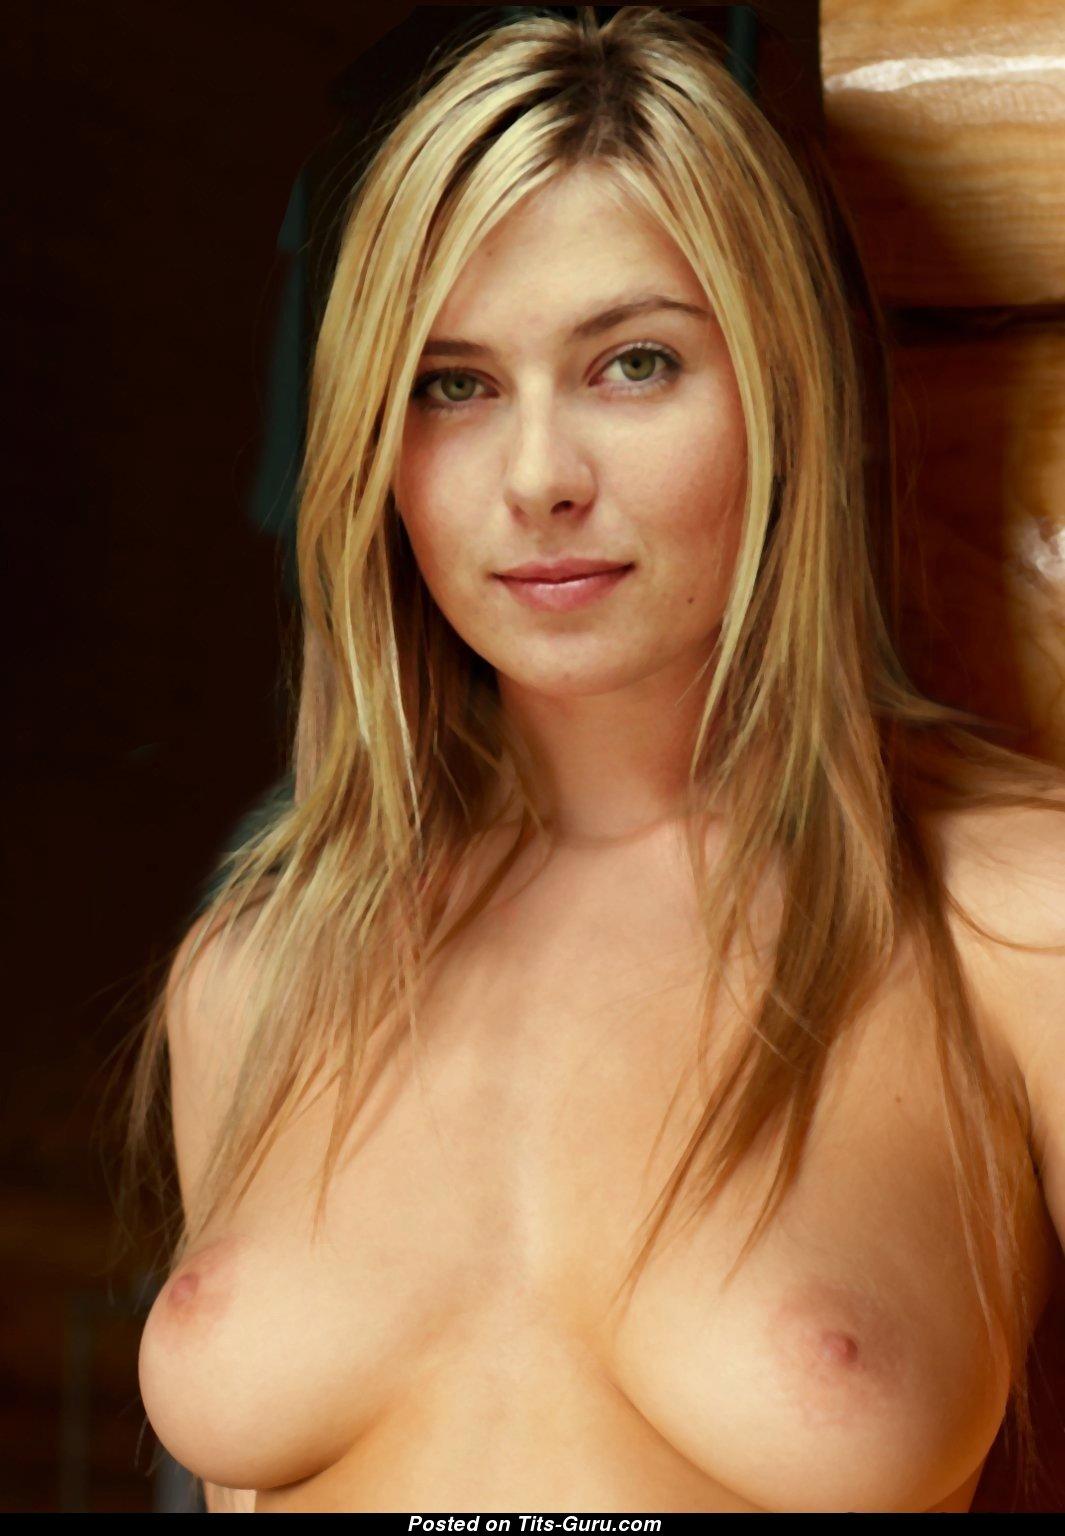 Maria sharapova nude boobs